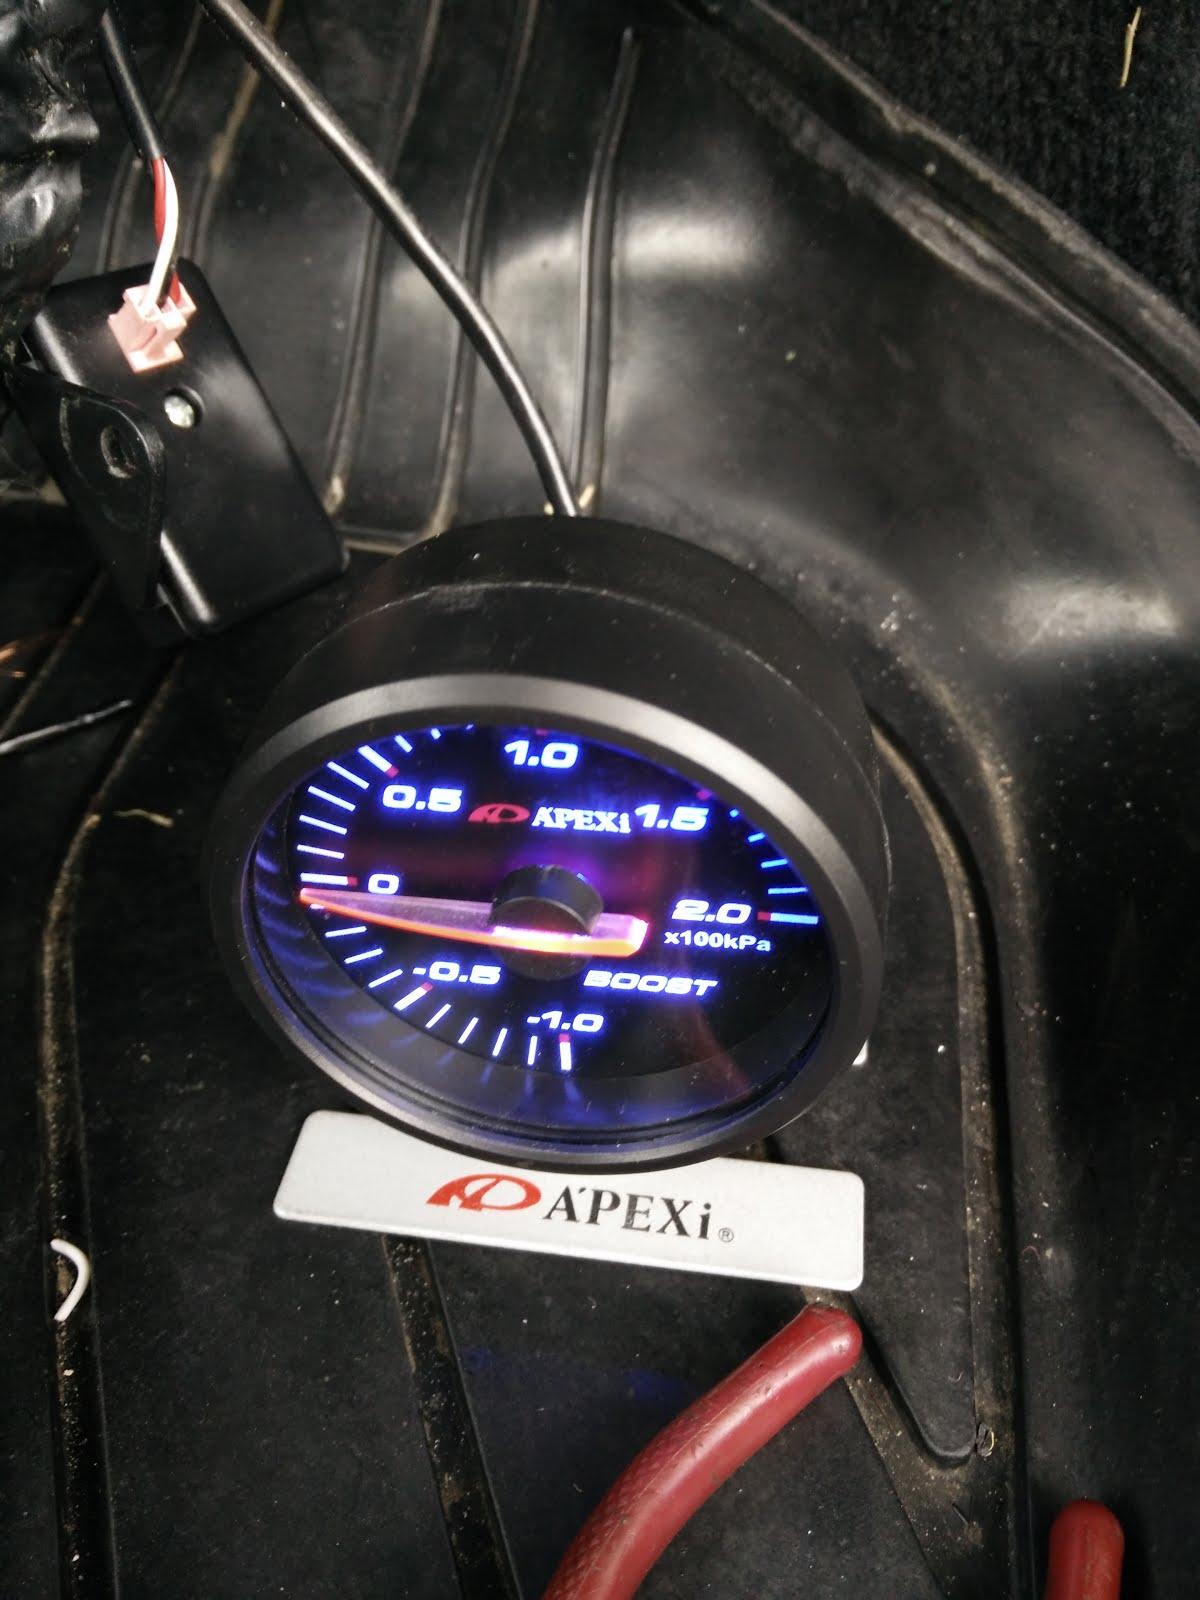 The first little car april 2016 dulu ada buat wiring diagram utk pasang ni lupa letak kat mana swarovskicordoba Choice Image